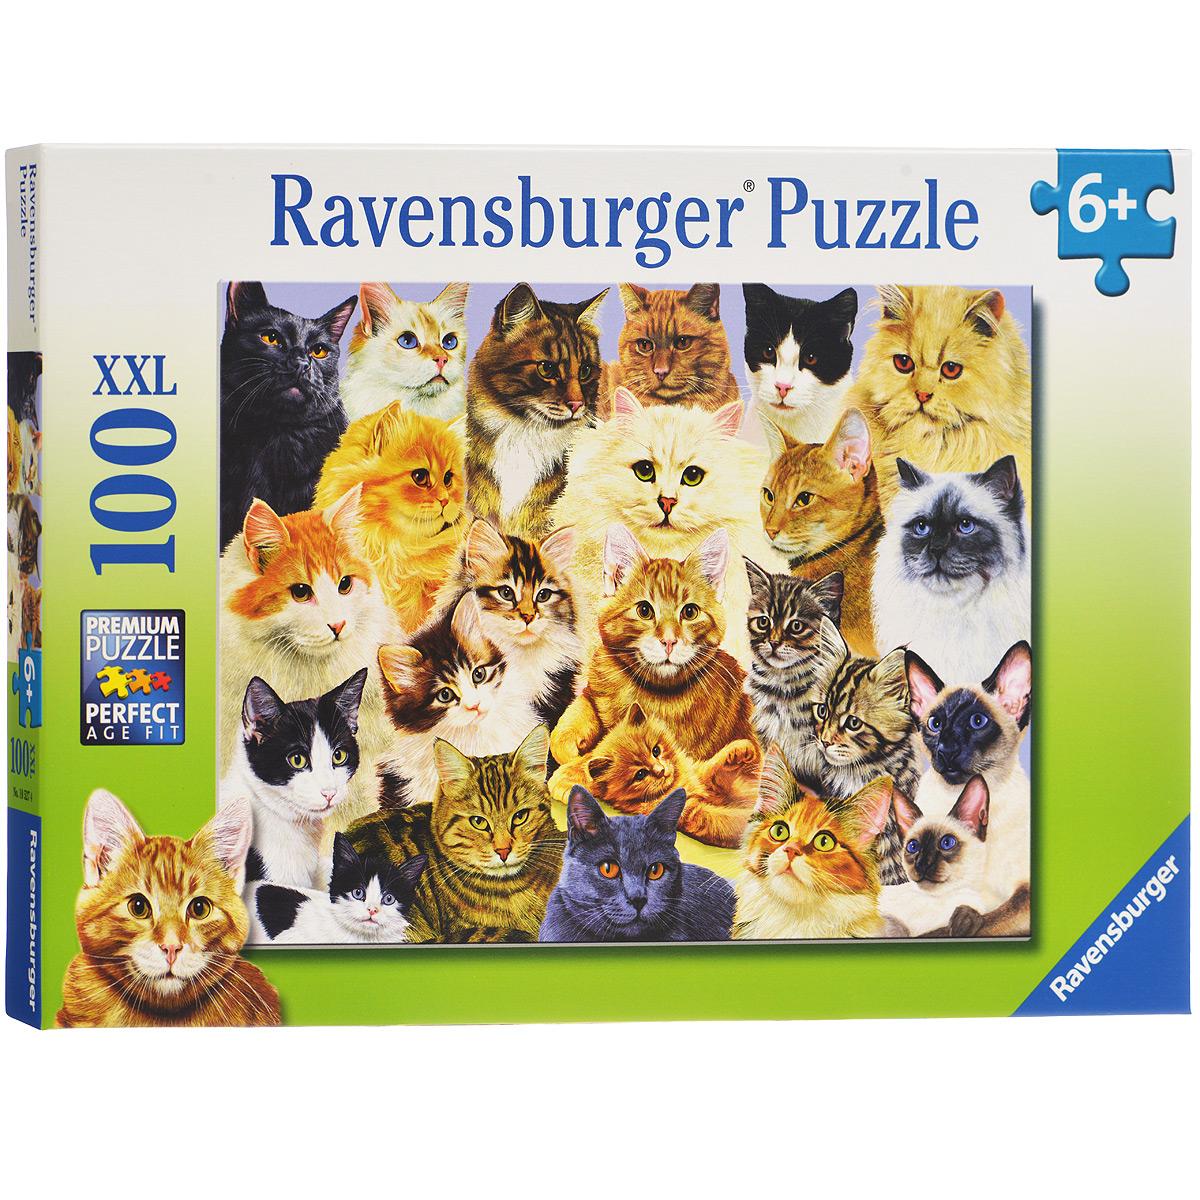 Ravensburger Парад кошек. Пазл XXL, 100 элементов10527Пазл Ravensburger Парад кошек, без сомнения, придется по душе вам и вашему малышу. Собрав этот пазл, включающий в себя 100 элементов, вы получите великолепную картину с изображением кошек. Каждая деталь имеет свою форму и подходит только на своё место. Нет двух одинаковых деталей! Пазл изготовлен из картона высочайшего качества. Все изображения аккуратно отсканированы и напечатаны на ламинированной бумаге. Пазл - великолепная игра для семейного досуга. Сегодня собирание пазлов стало особенно популярным, главным образом, благодаря своей многообразной тематике, способной удовлетворить самый взыскательный вкус. А для детей это не только интересно, но и полезно. Собирание пазла развивает мелкую моторику у ребенка, тренирует наблюдательность, логическое мышление, знакомит с окружающим миром, с цветом и разнообразными формами.